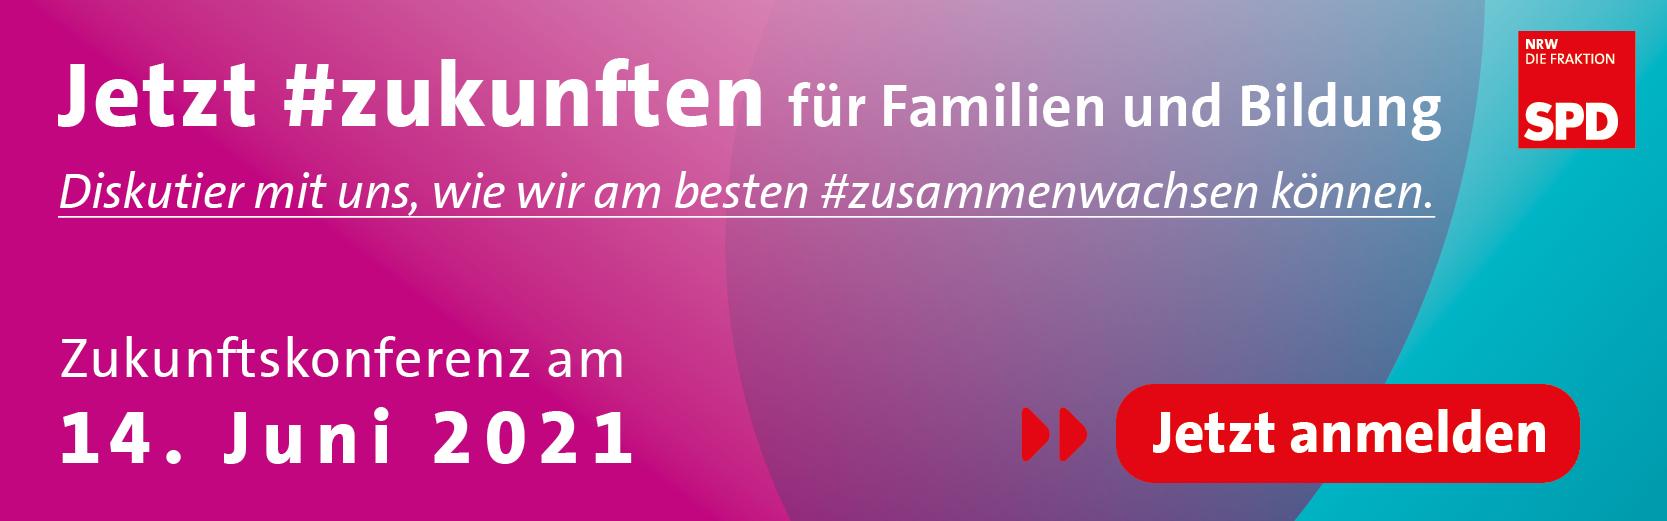 SPD-Fraktion_NRW_800x250px_Zukunftskonferenz_Familie_mit_Button